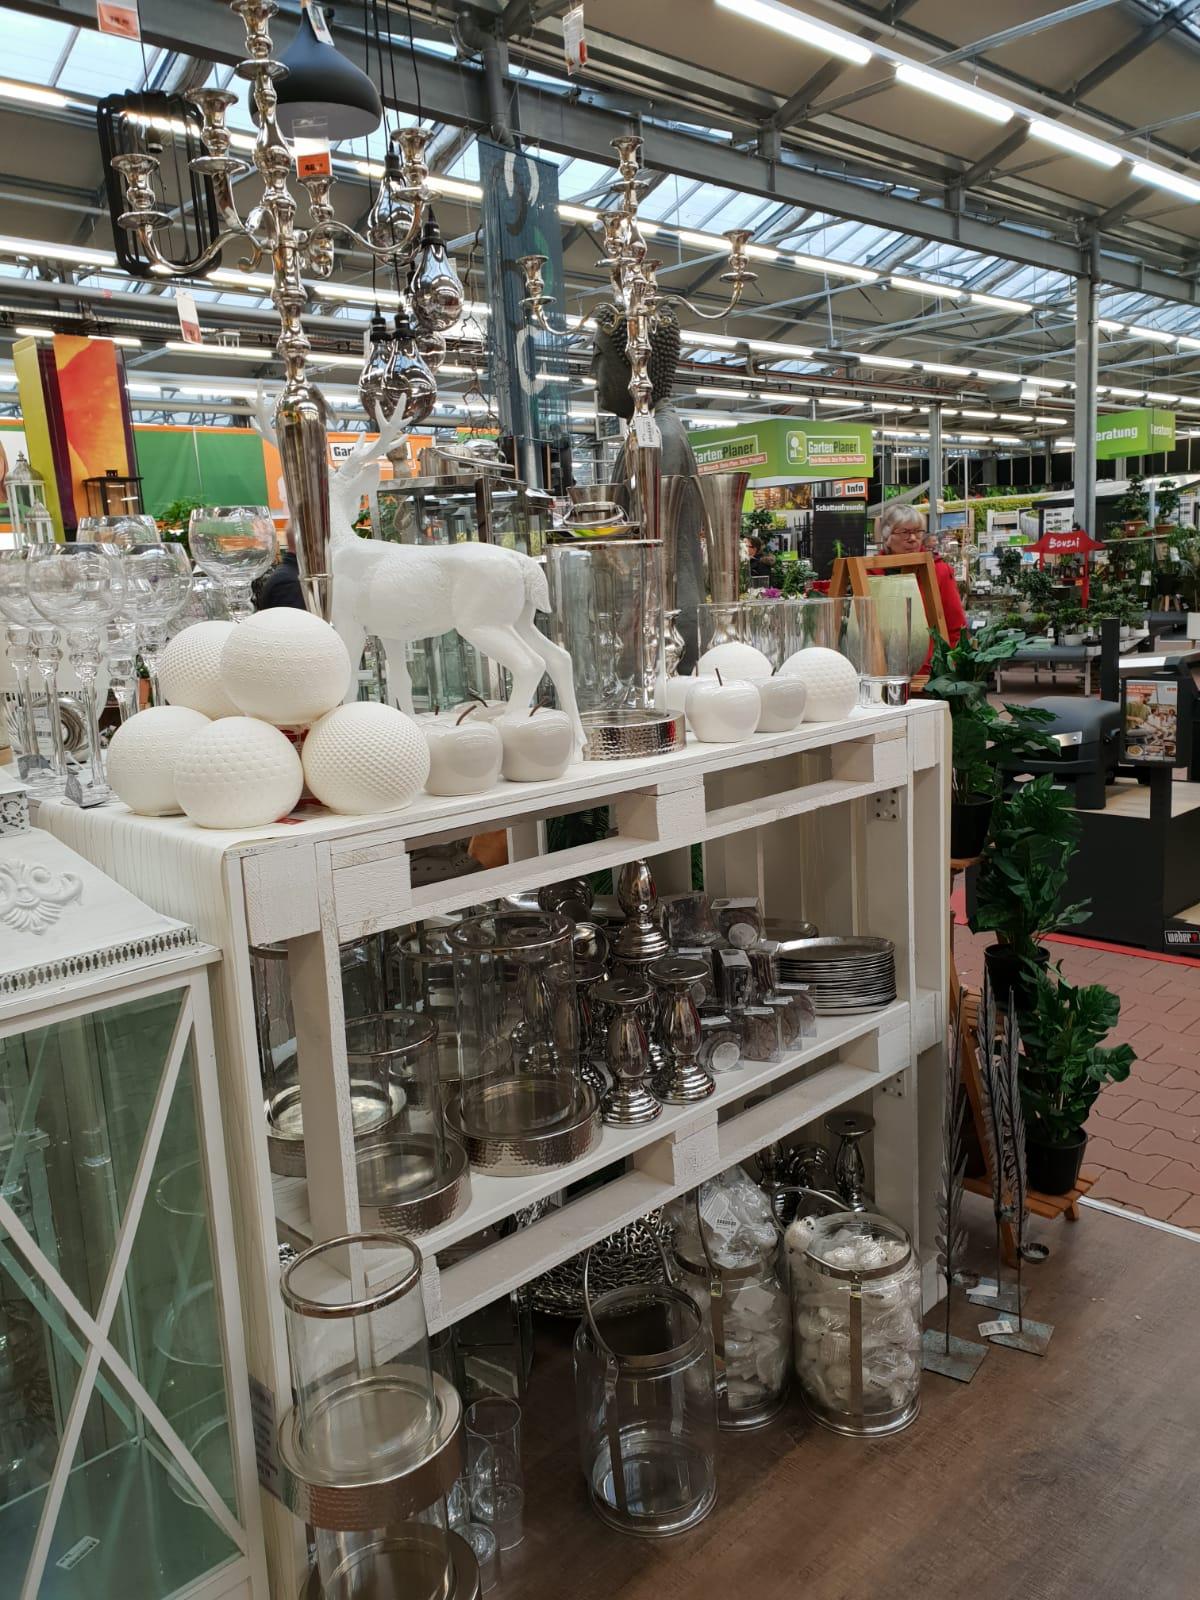 Obi Markt Köln-Pesch Köln